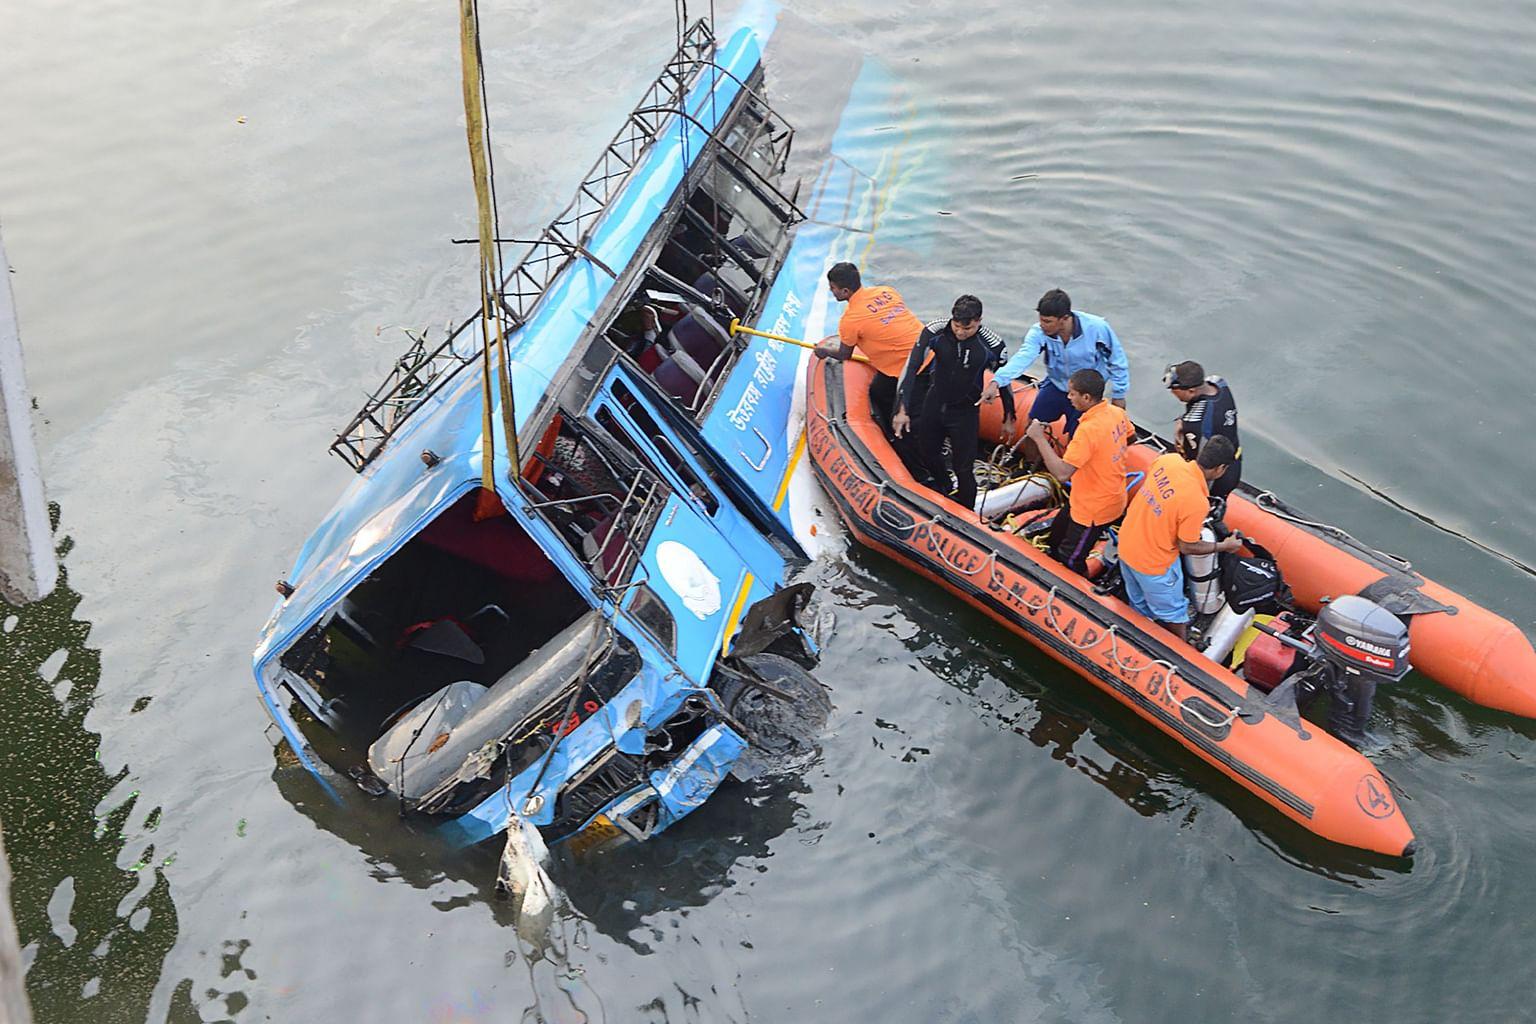 36 maut di India apabila bas terbabas dari jambatan ke sungai